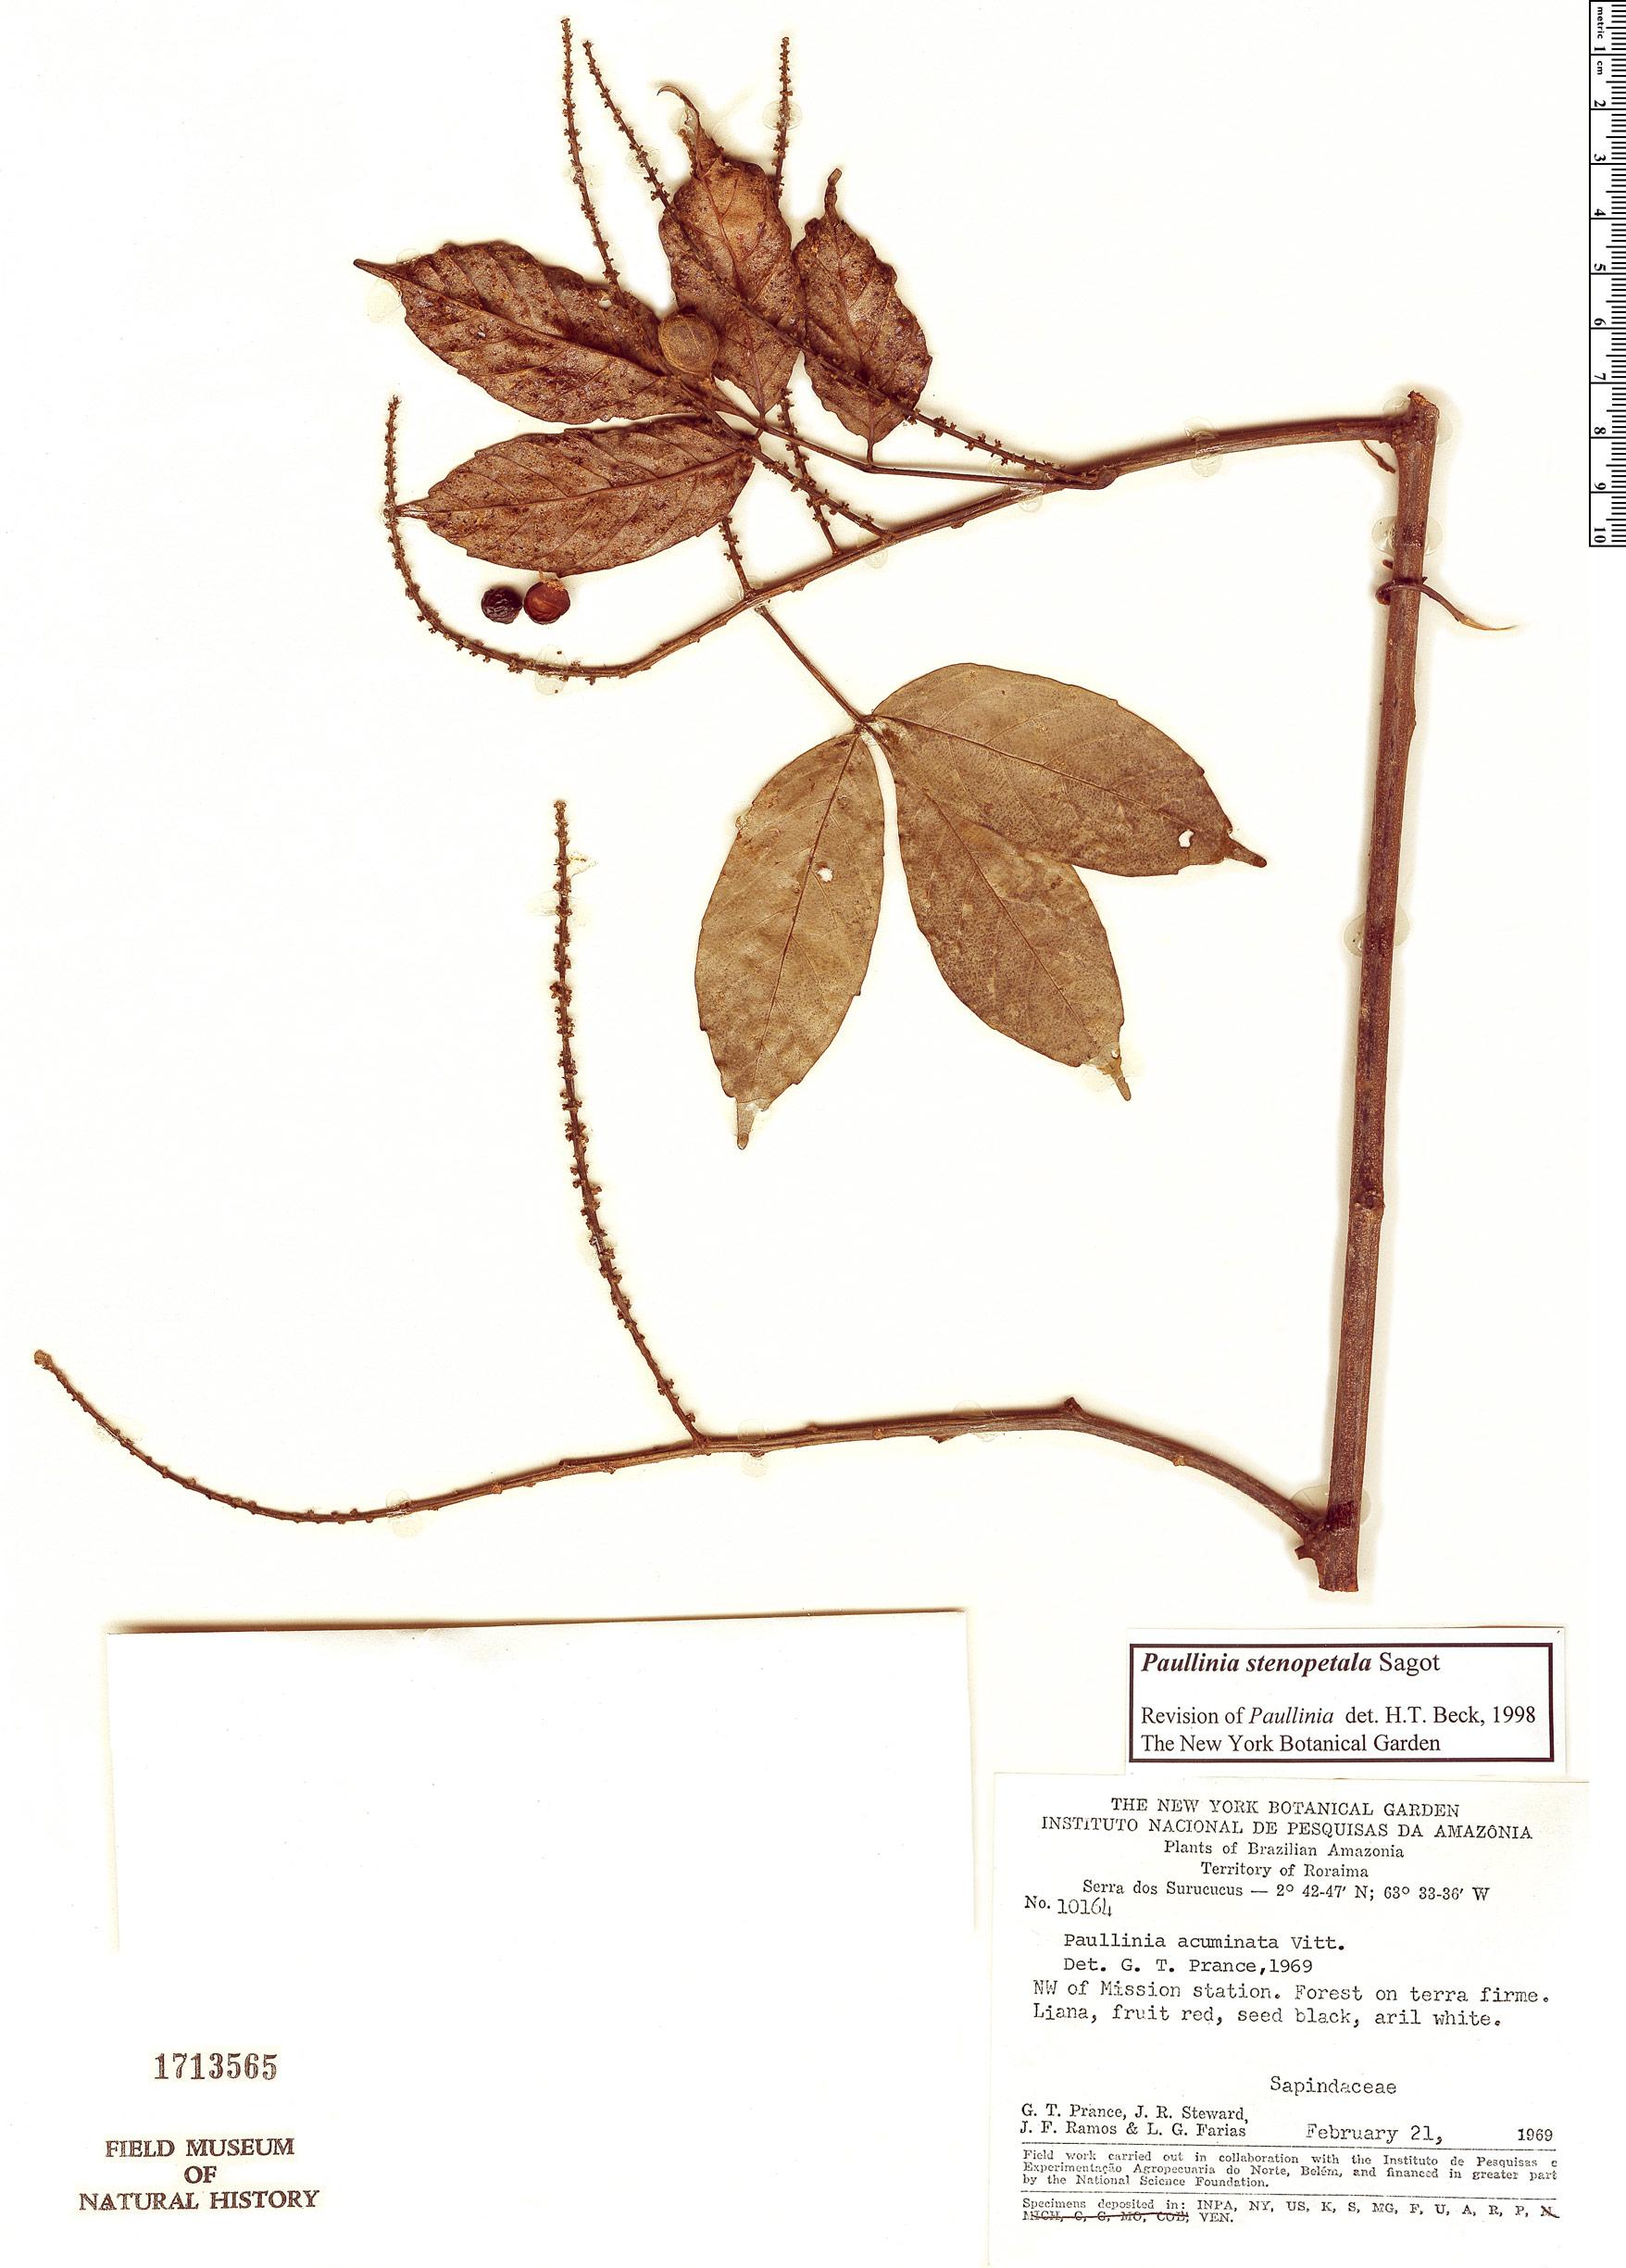 Specimen: Paullinia stenopetala